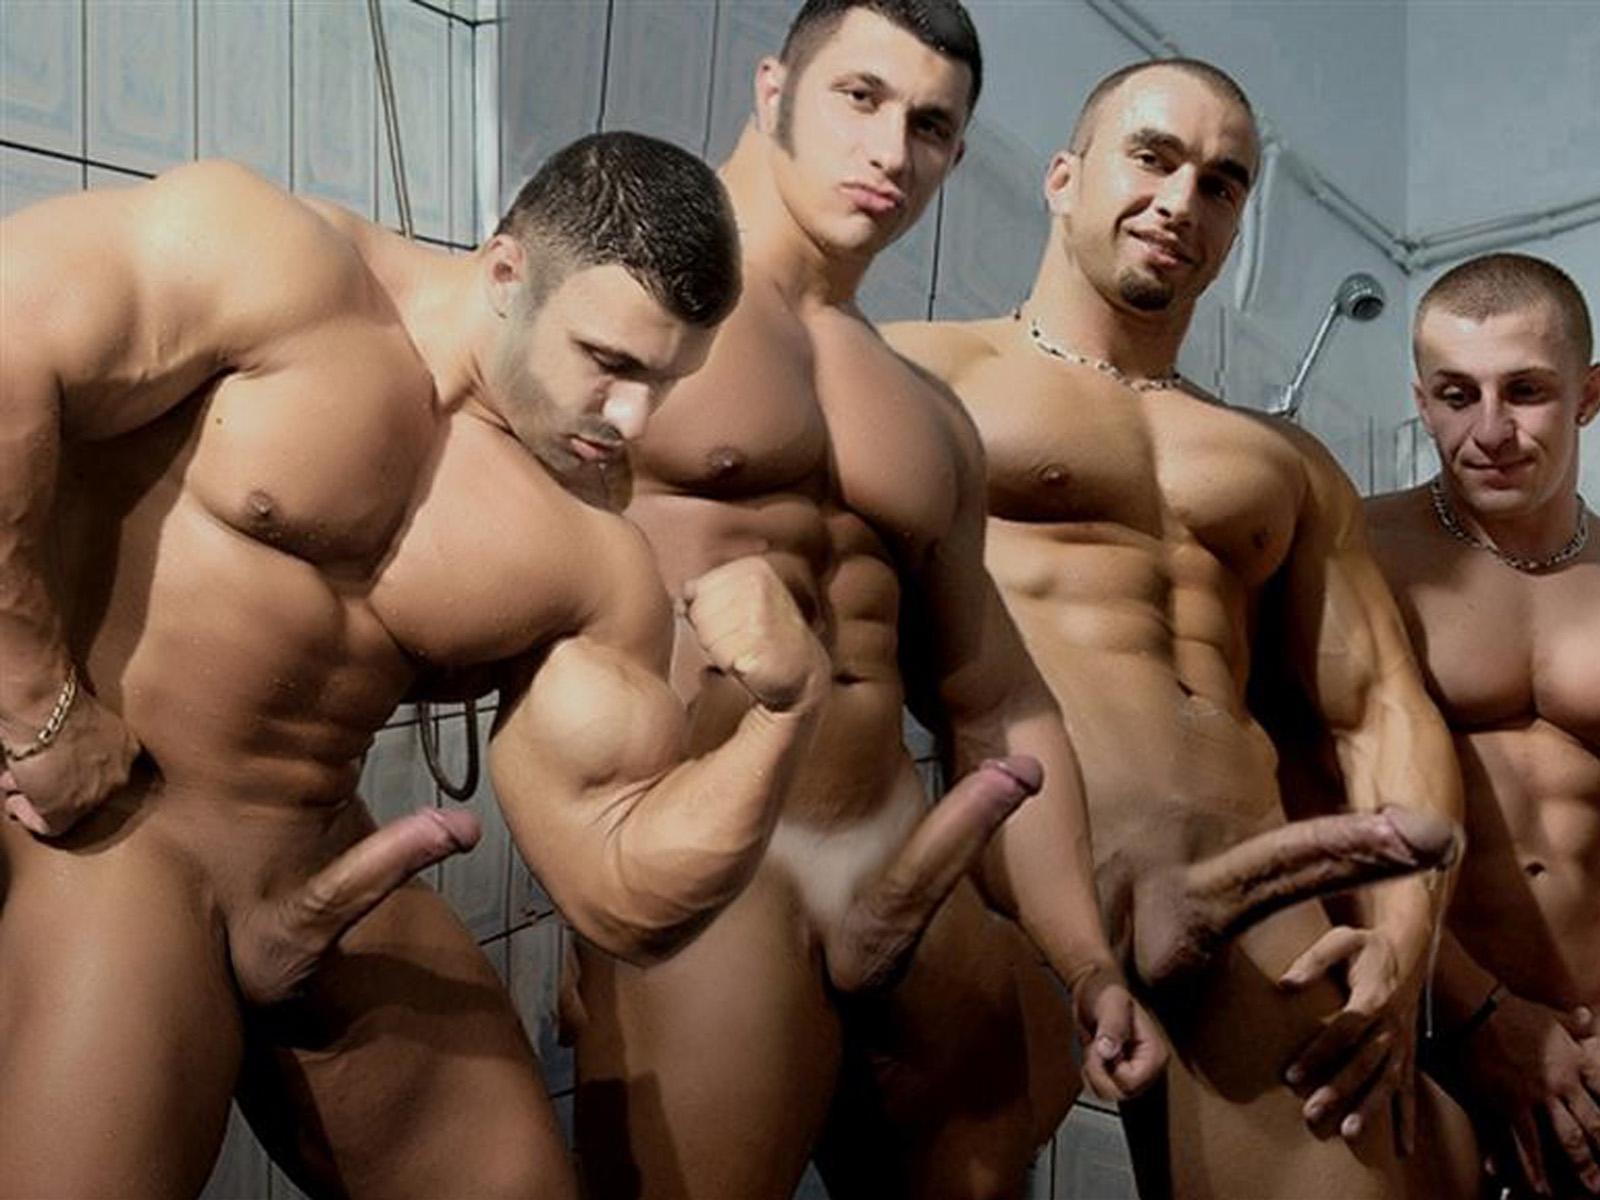 Фото людей с большими членами 6 фотография